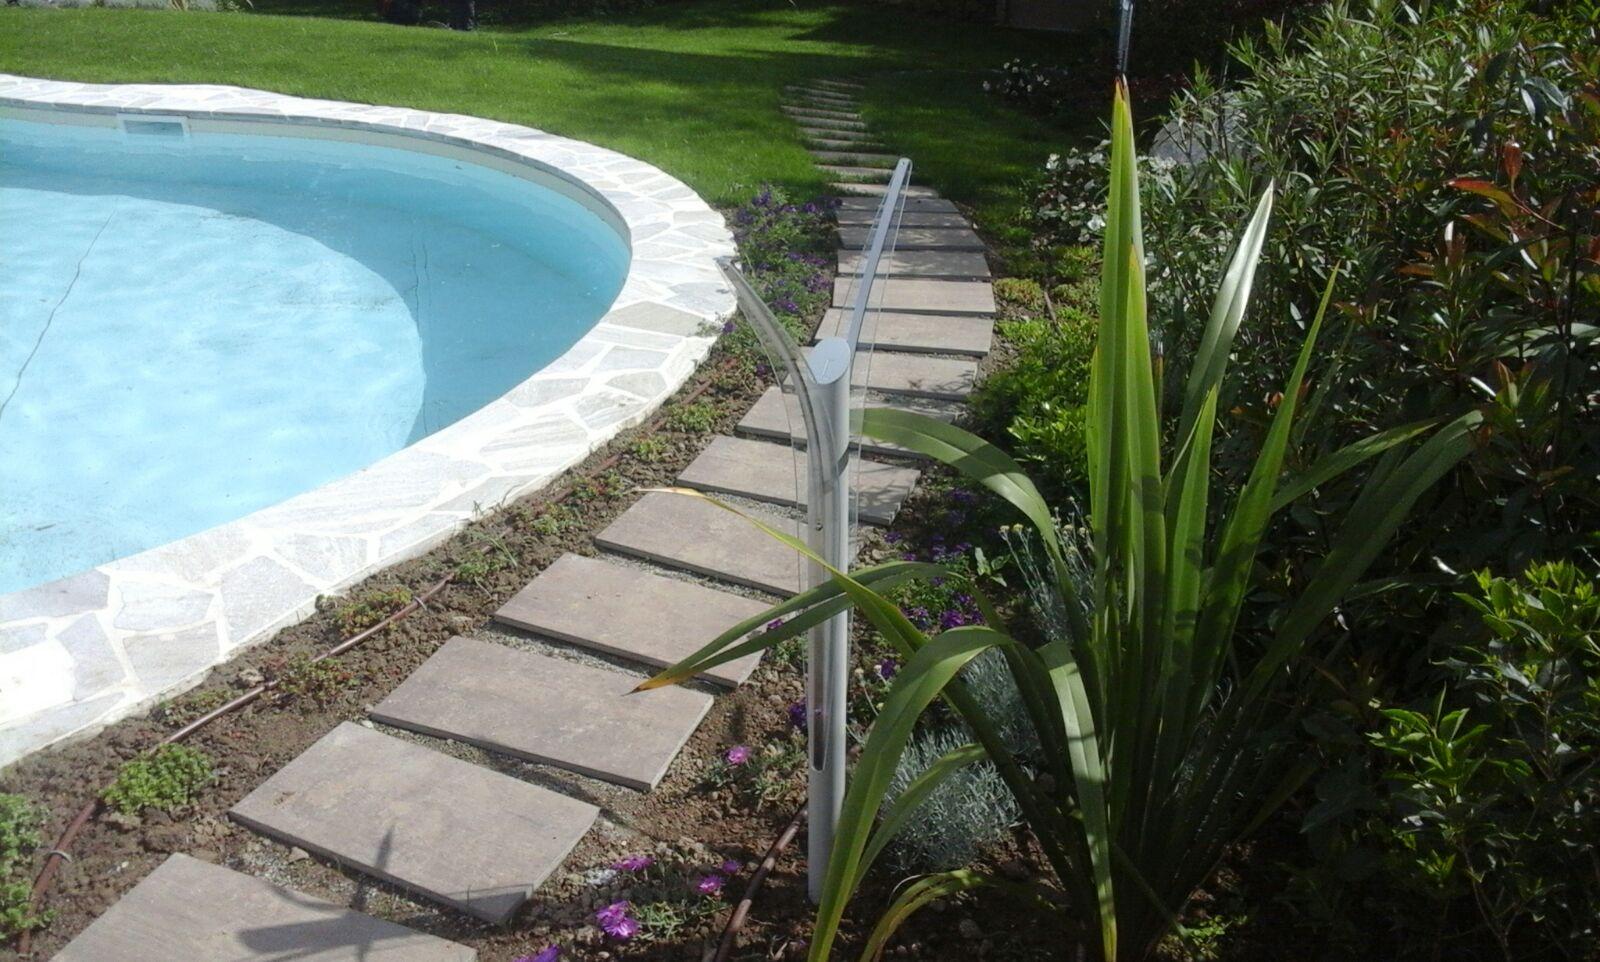 Lampade da giardino a led minimalism ii illuminazione giardino